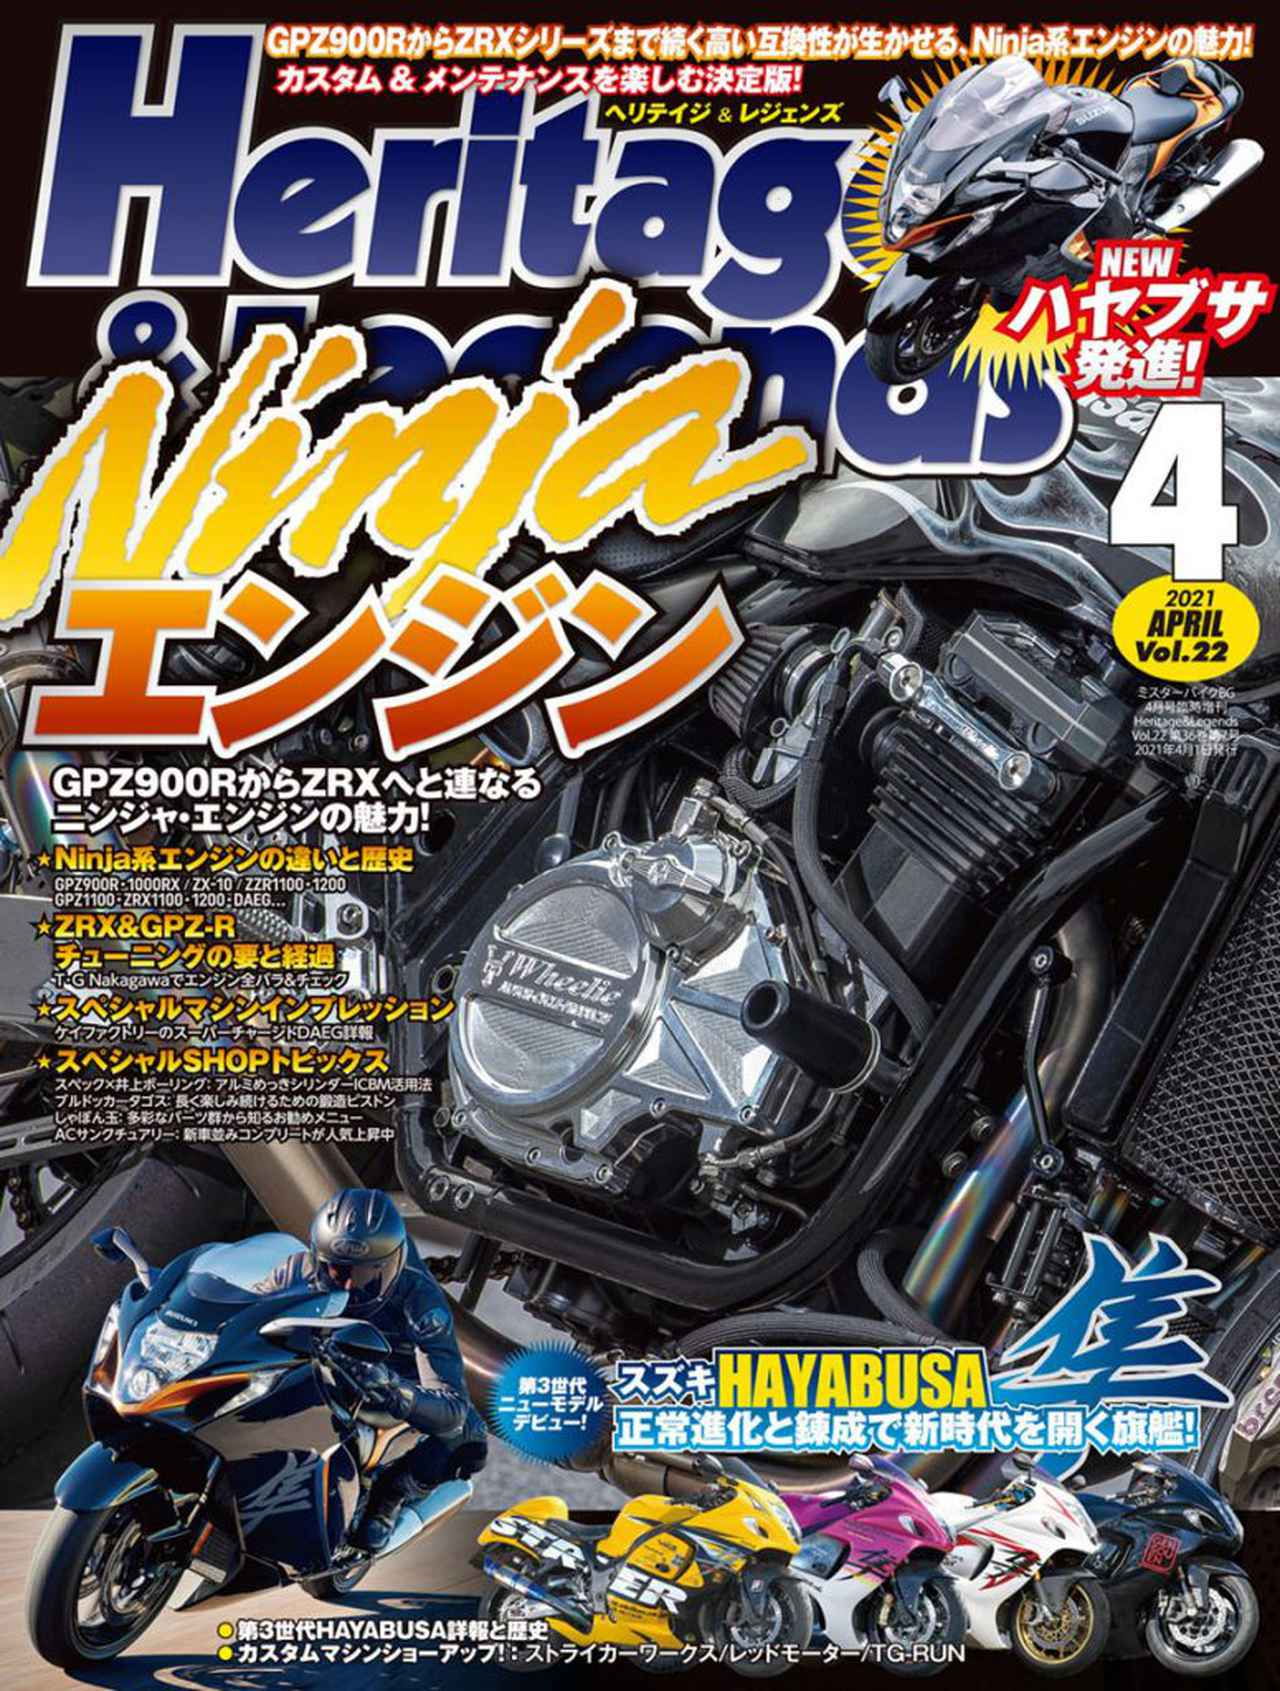 画像: 月刊ヘリテイジ&レジェンズ。2021年4月号(Vol.22)は通常より2日早い2月25日(木)の発売です! | ヘリテイジ&レジェンズ|Heritage& Legends